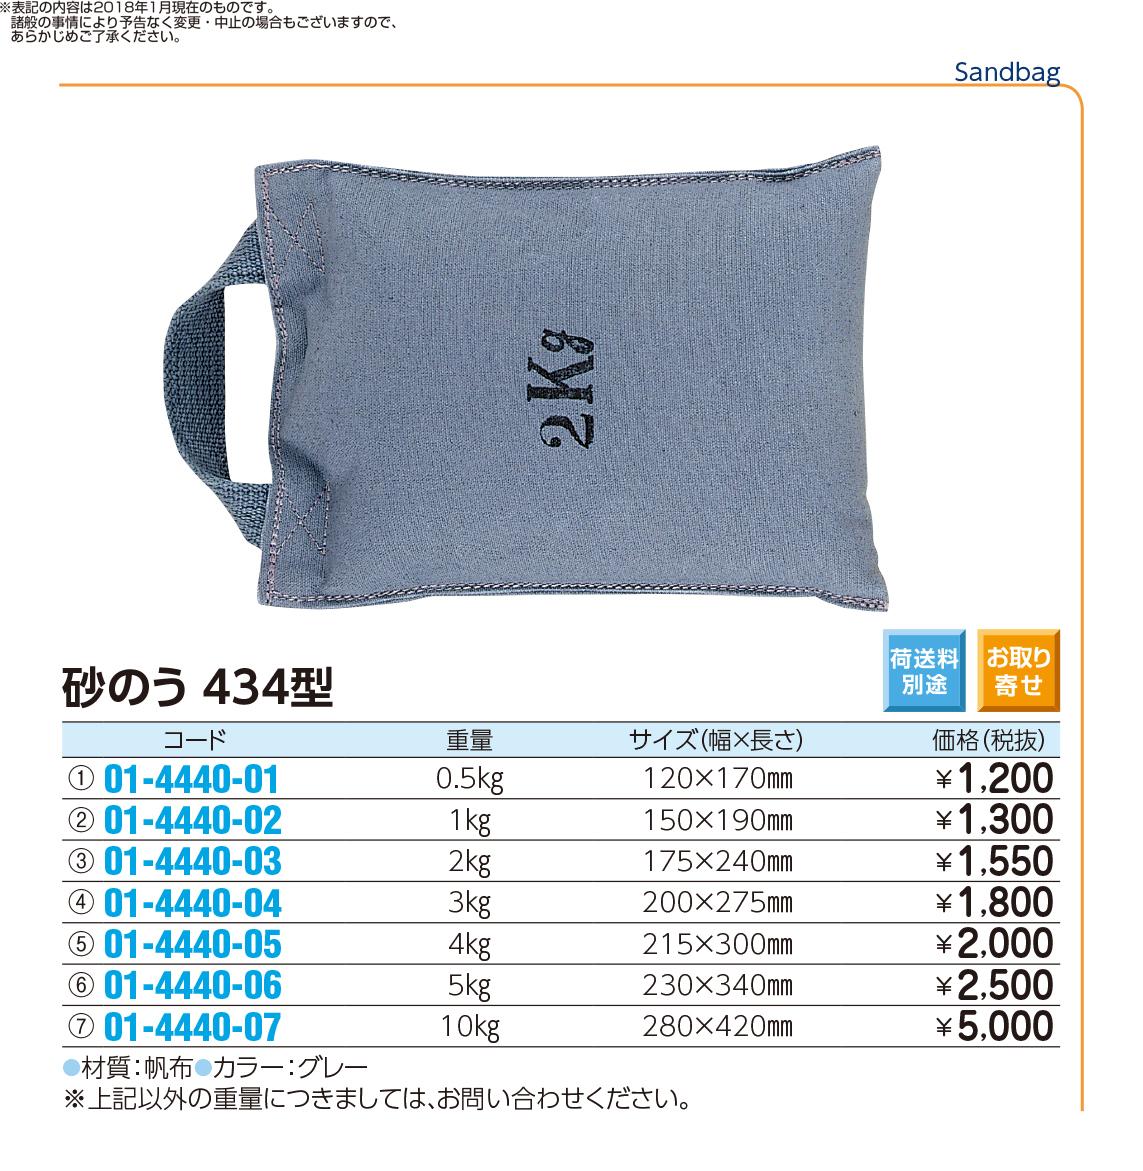 (01-4440-04)砂のう434型(把手付牽引用) 3KG サノウ【1個単位】【2018年カタログ商品】